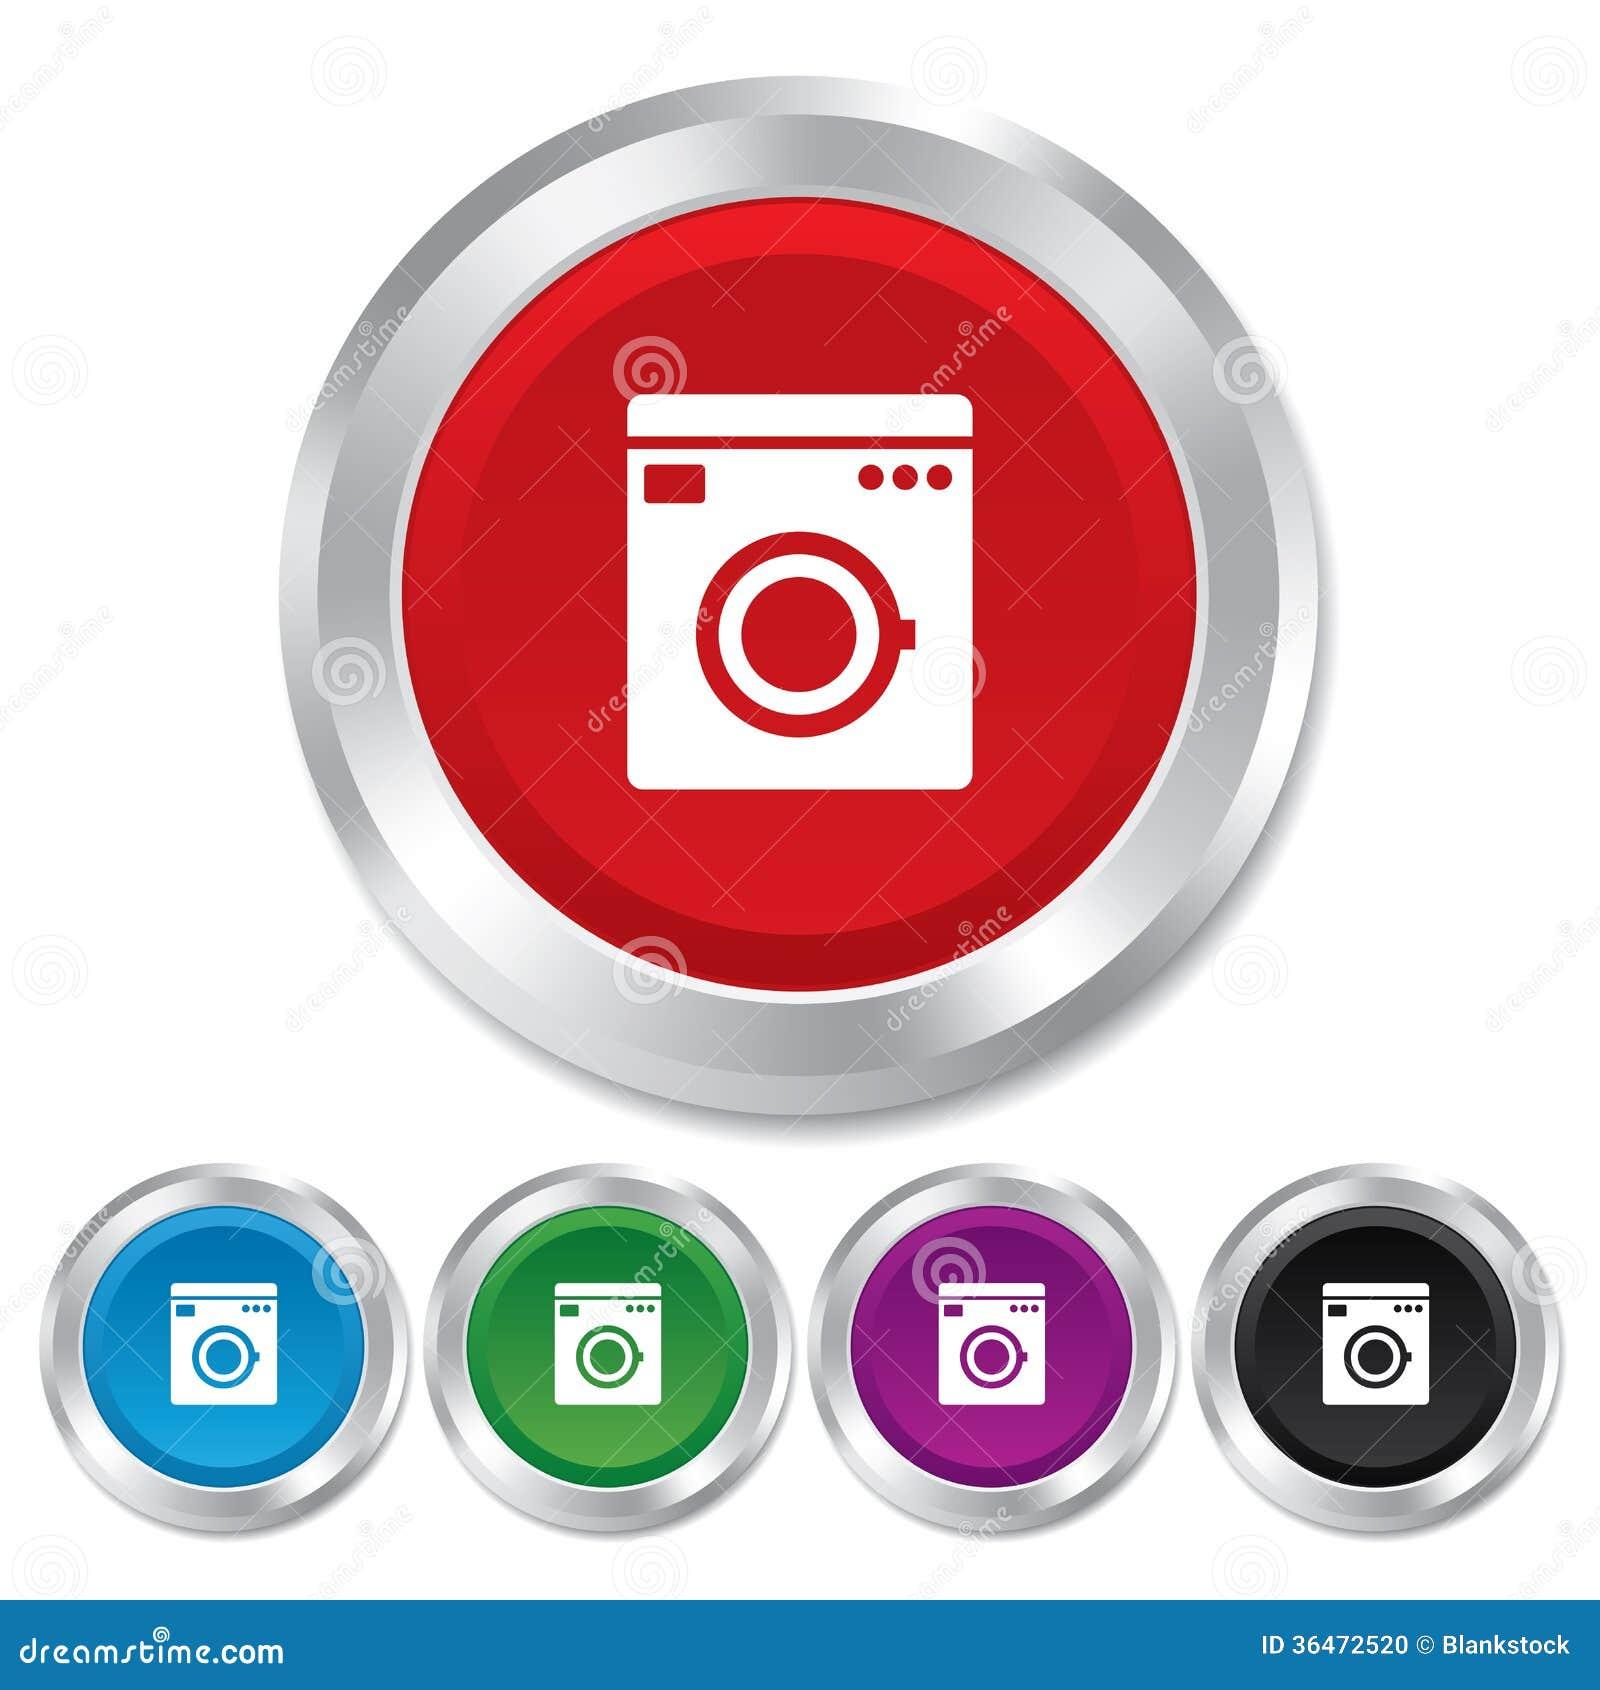 ic ne de machine laver symbole d 39 appareils m nagers photo stock image 36472520. Black Bedroom Furniture Sets. Home Design Ideas